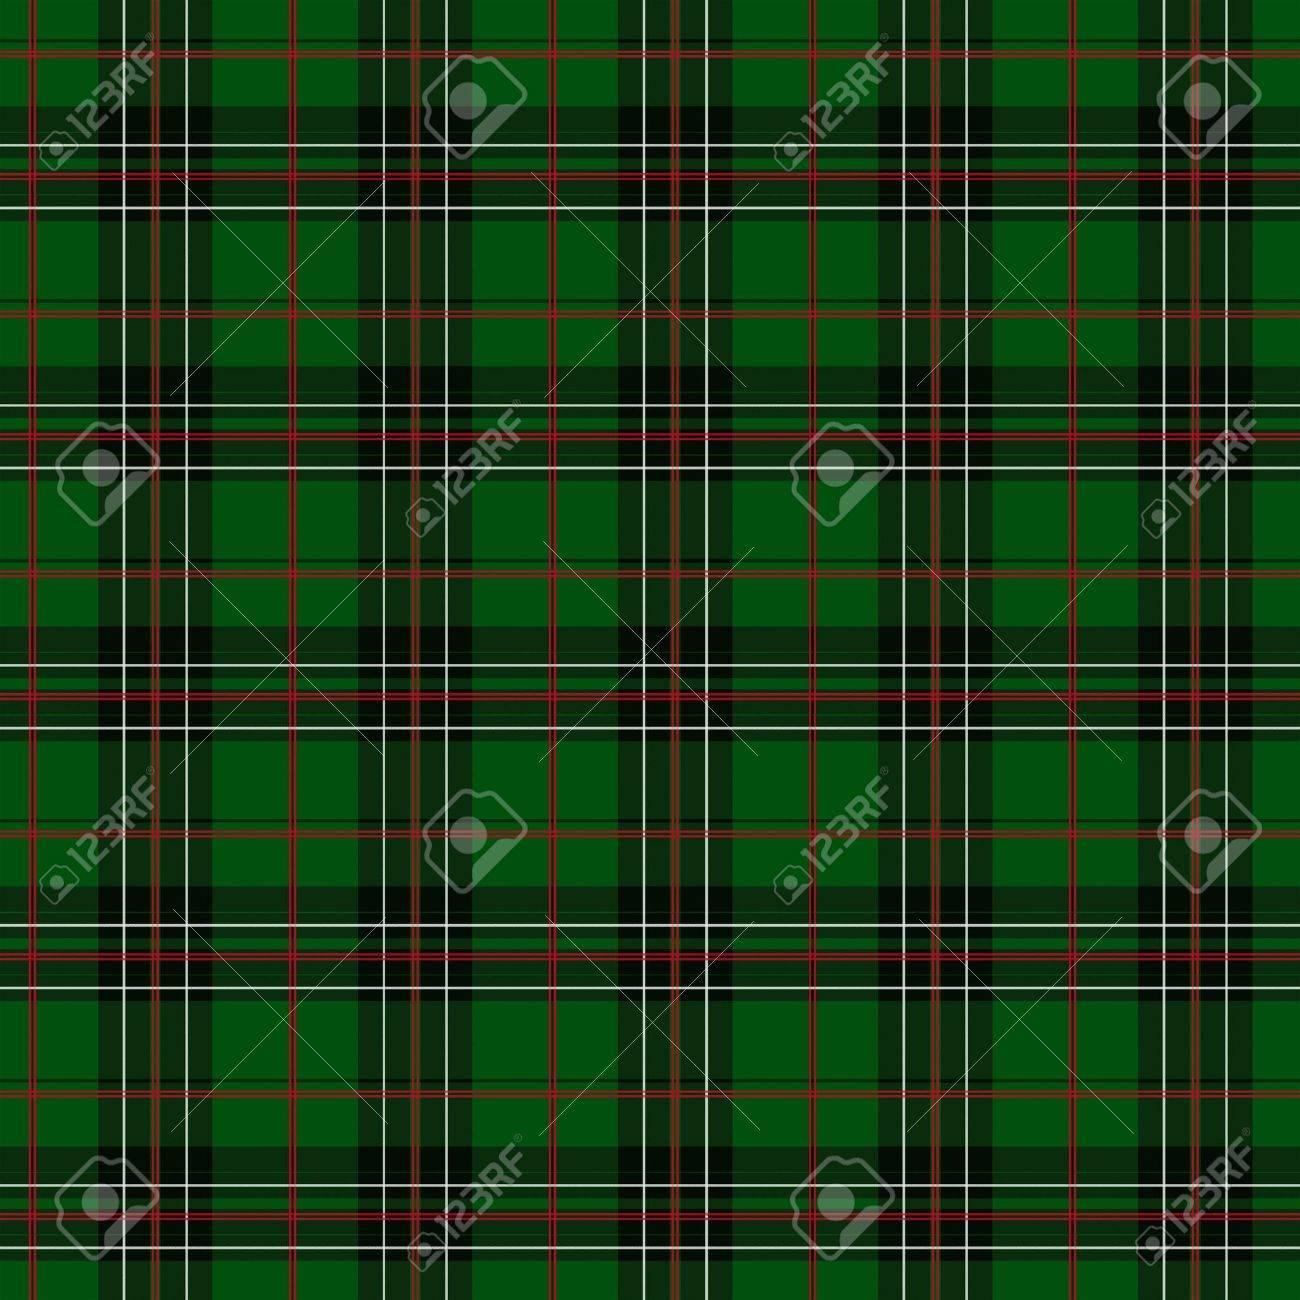 Immagini Stock Verde Sfondo Rosso Bianco E Nero Tessuto A Quadri